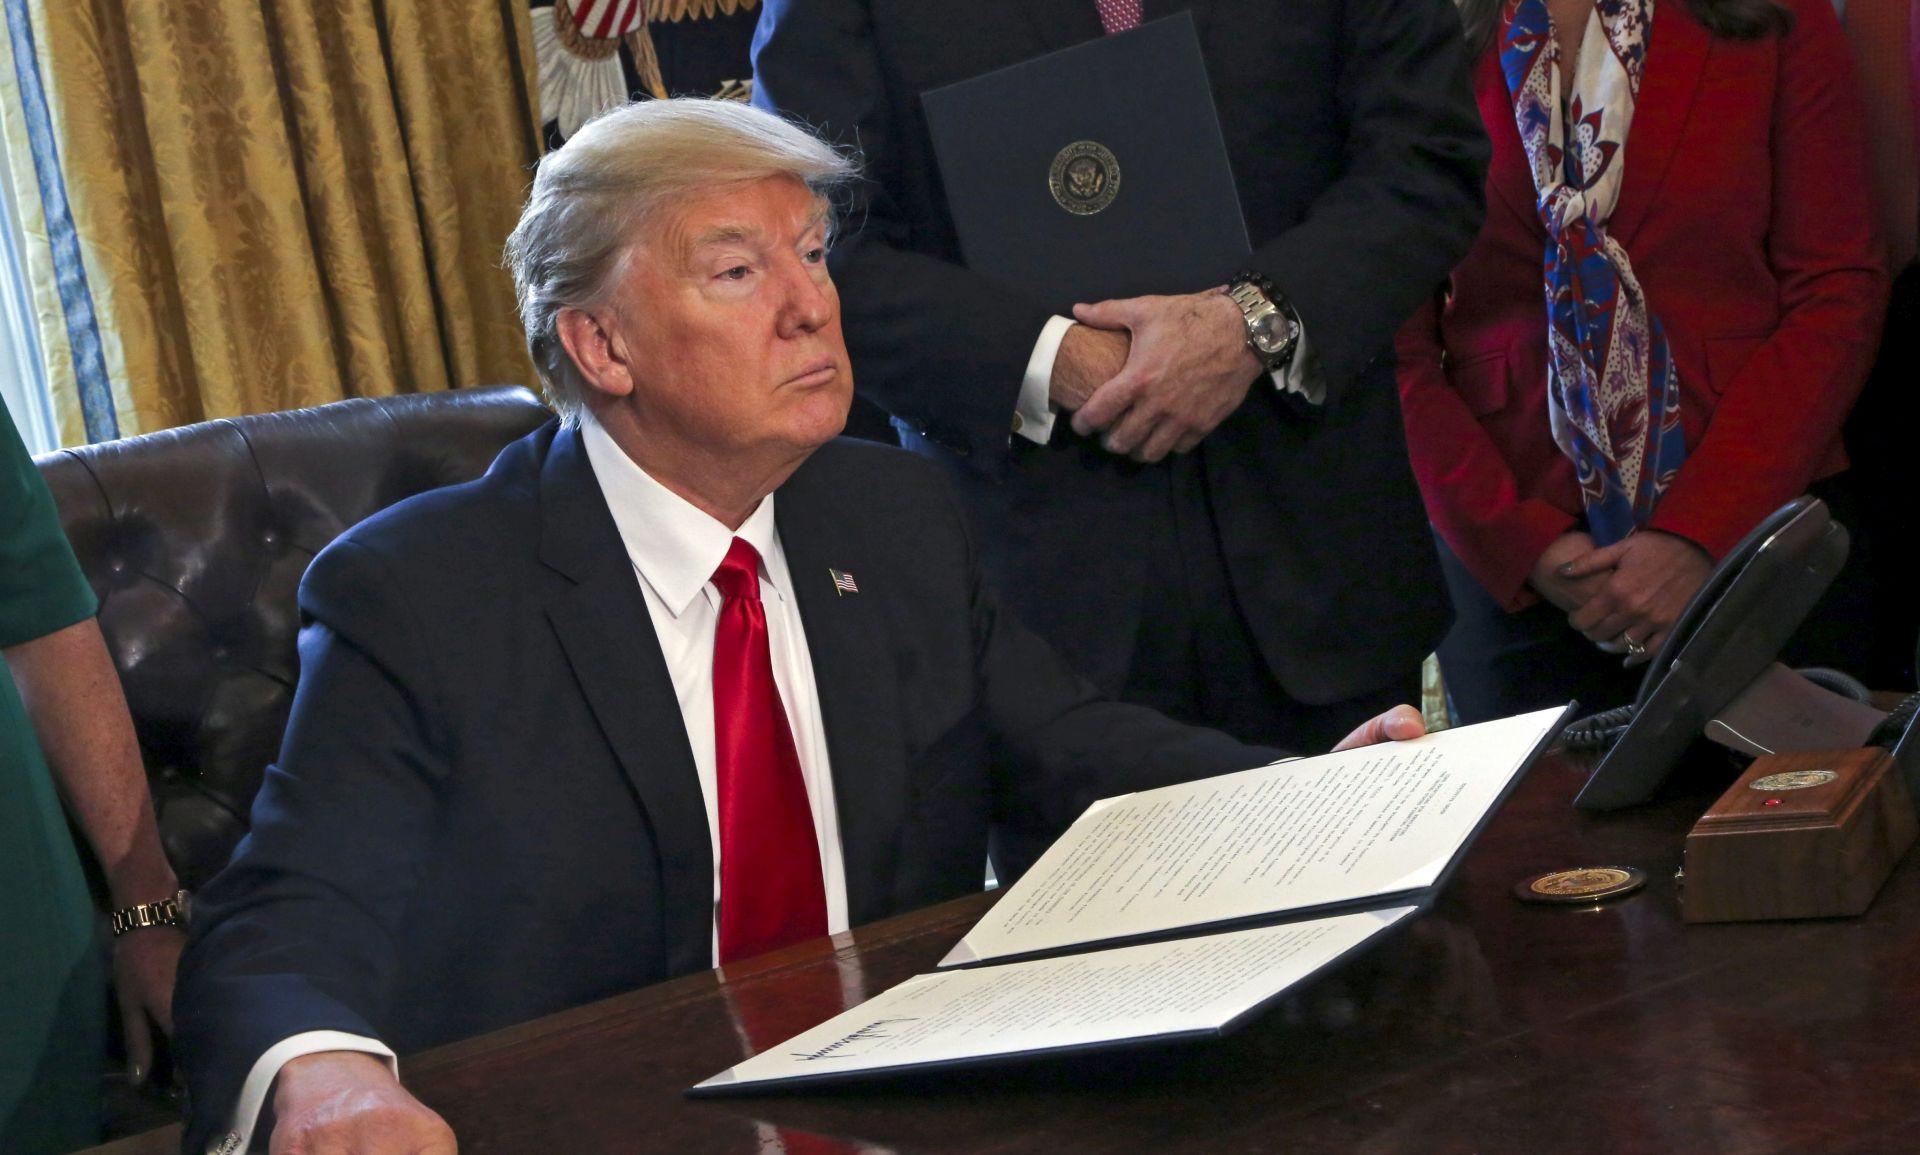 TRUMP KRIVI OBAMU ZBOG ASADOVIH ZLOČINA 2013. Trump se oštro protivio vojnoj intervenciji protiv Asada